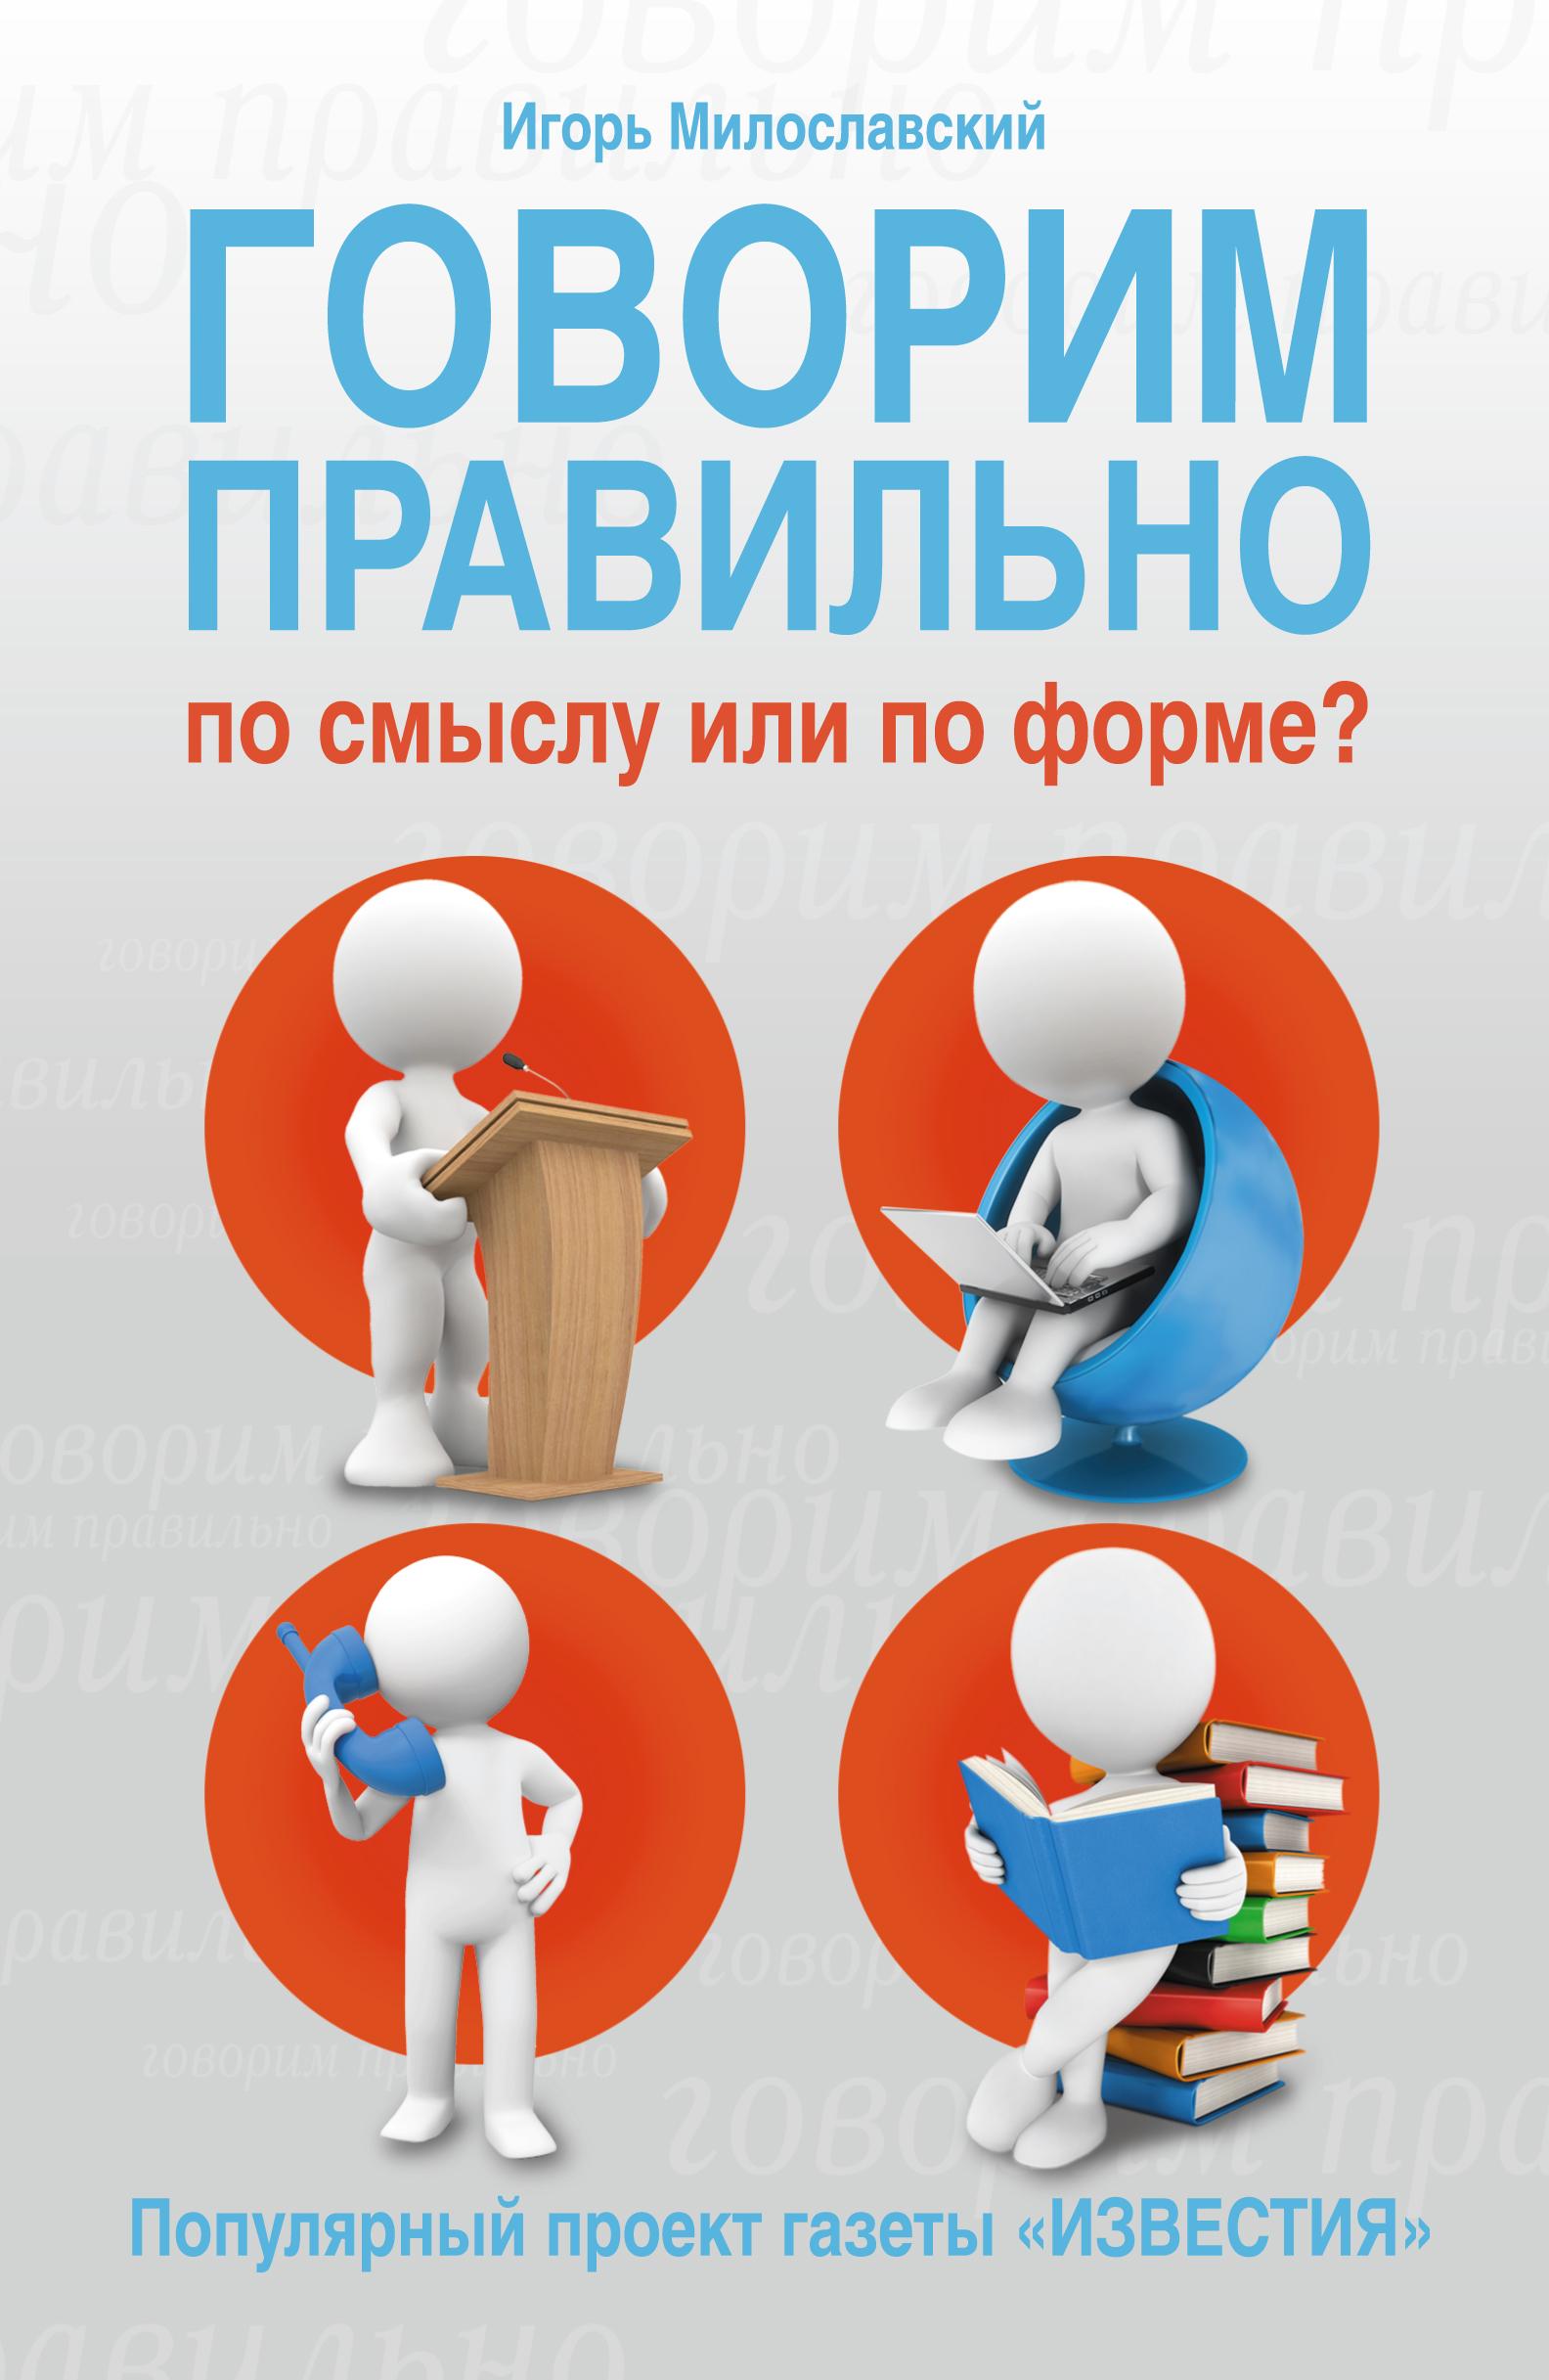 Милославский И.Г. Говорим правильно по смыслу или по форме игорь милославский говорим правильно по смыслу или по форме